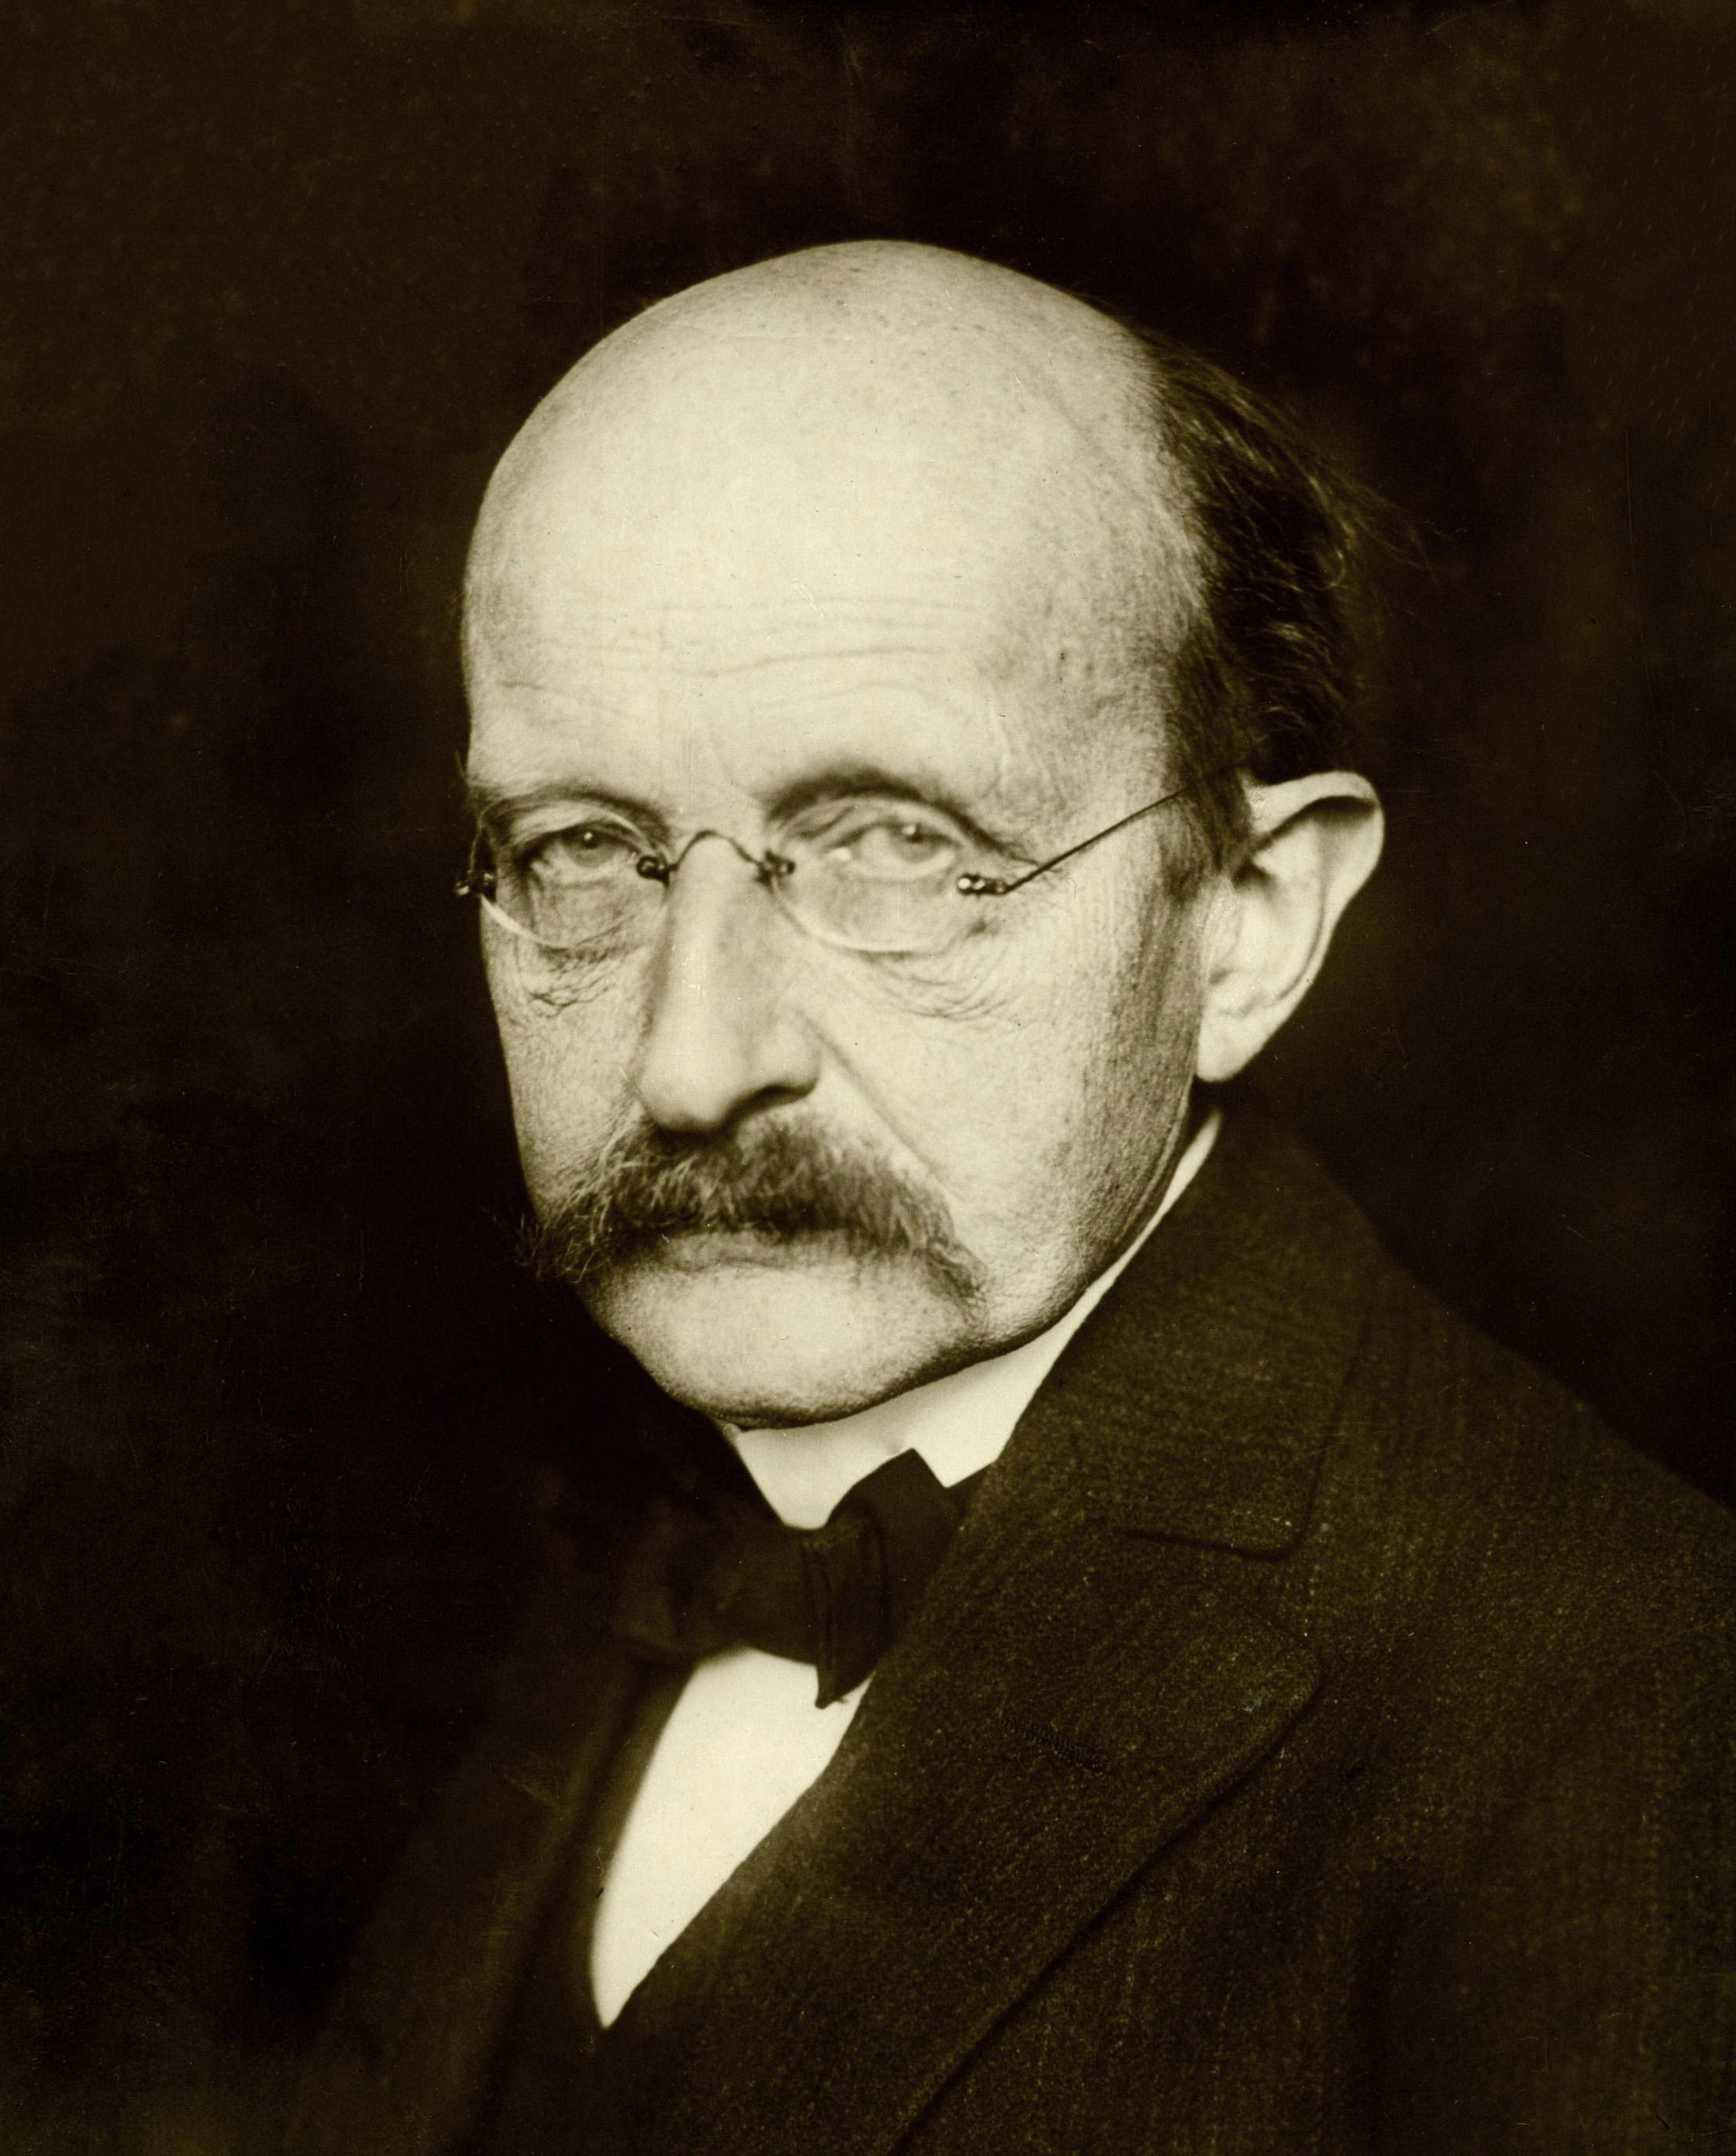 Veja o que saiu no Migalhas sobre Max Planck